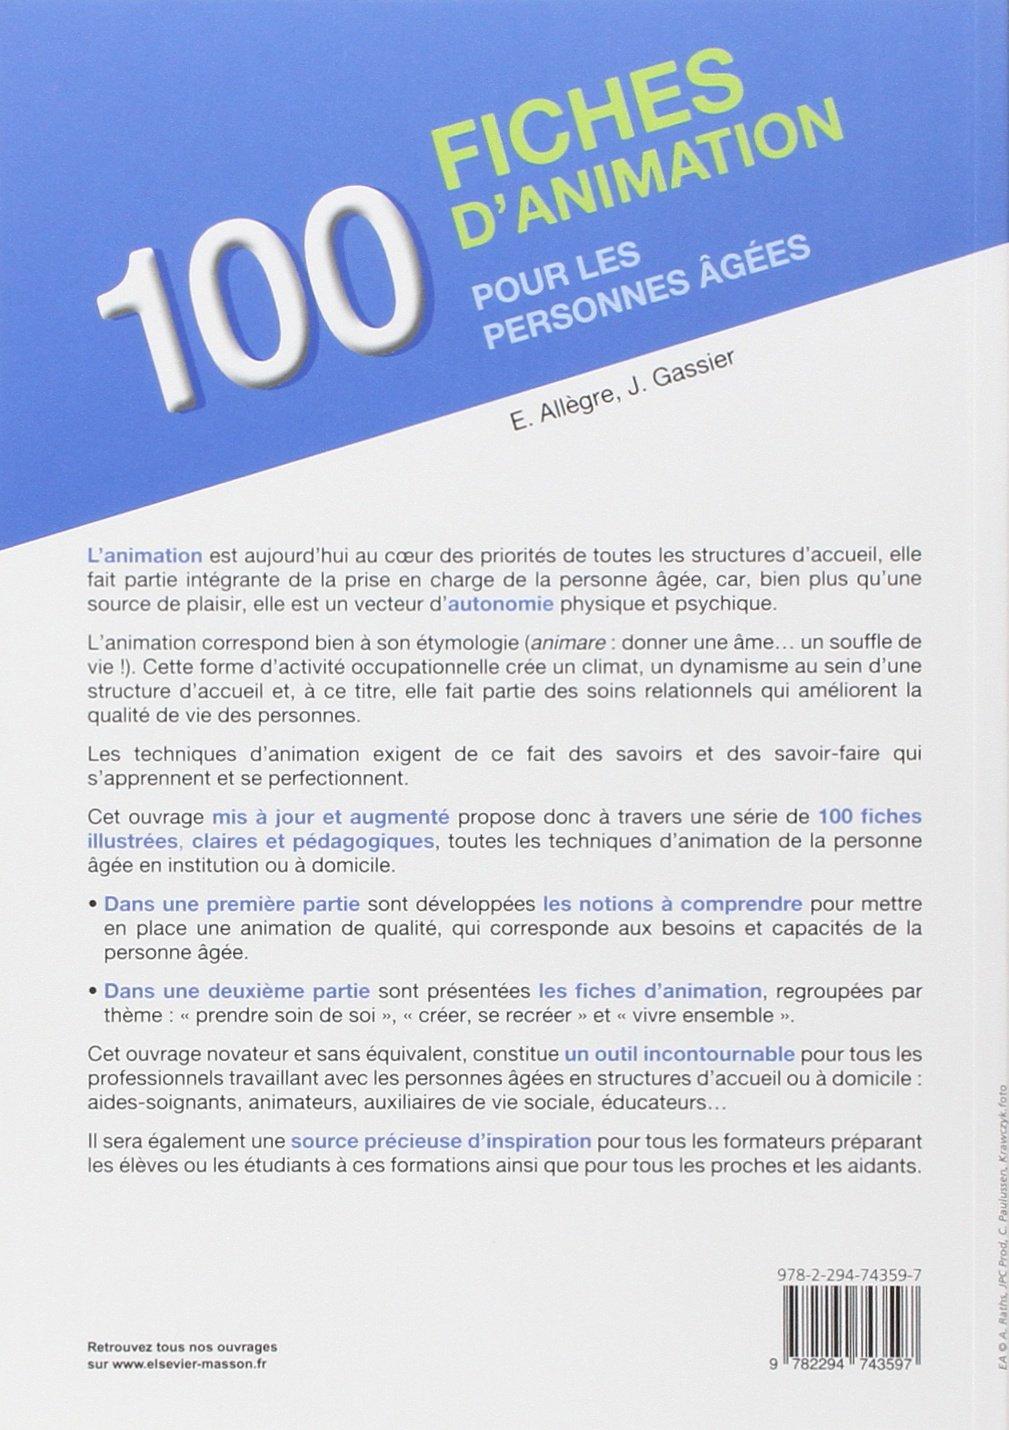 Favorit Amazon.fr - 100 fiches d'animation pour les personnes âgées  MB21